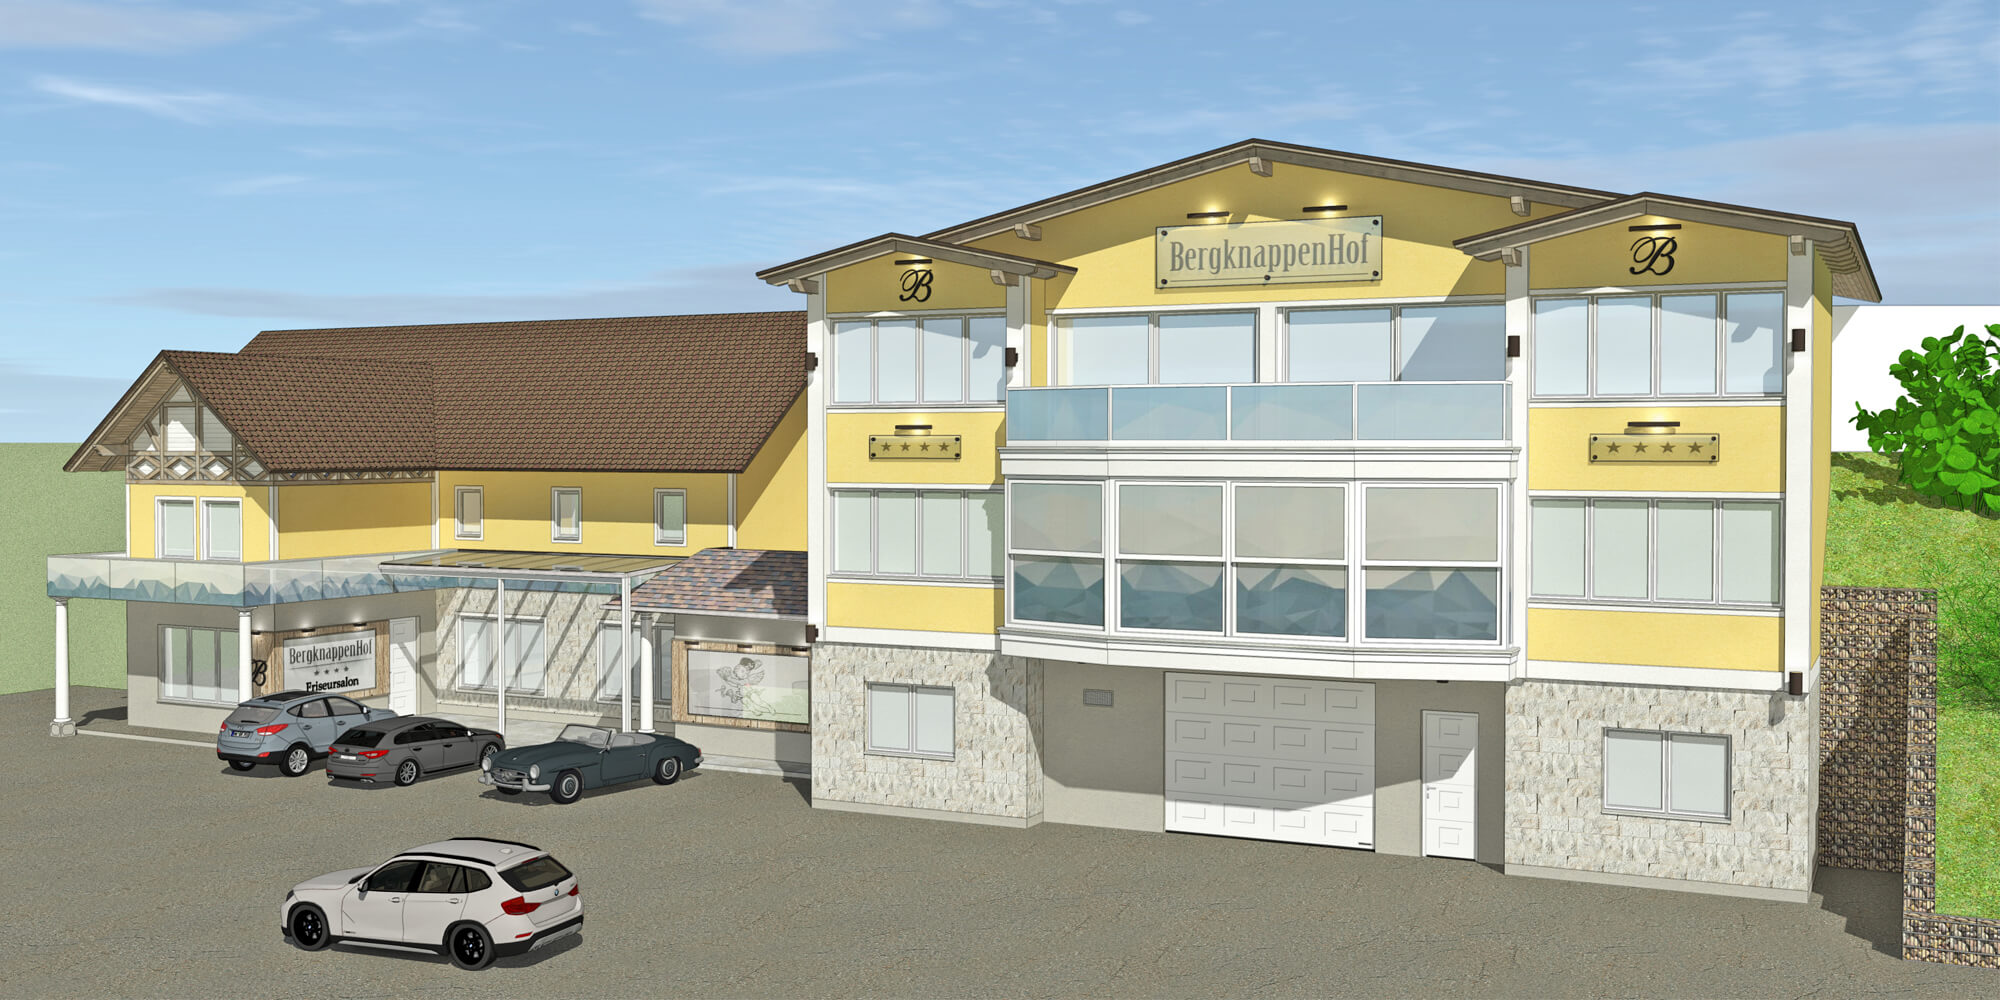 Crea-Plan-Design-Rauch-Frühmann-Architektur-Innenarchitektur-Design-Projekt-Referenz-Hotelerie-Gastronomie-Hotel-Bergknappenhof-Zubau-2